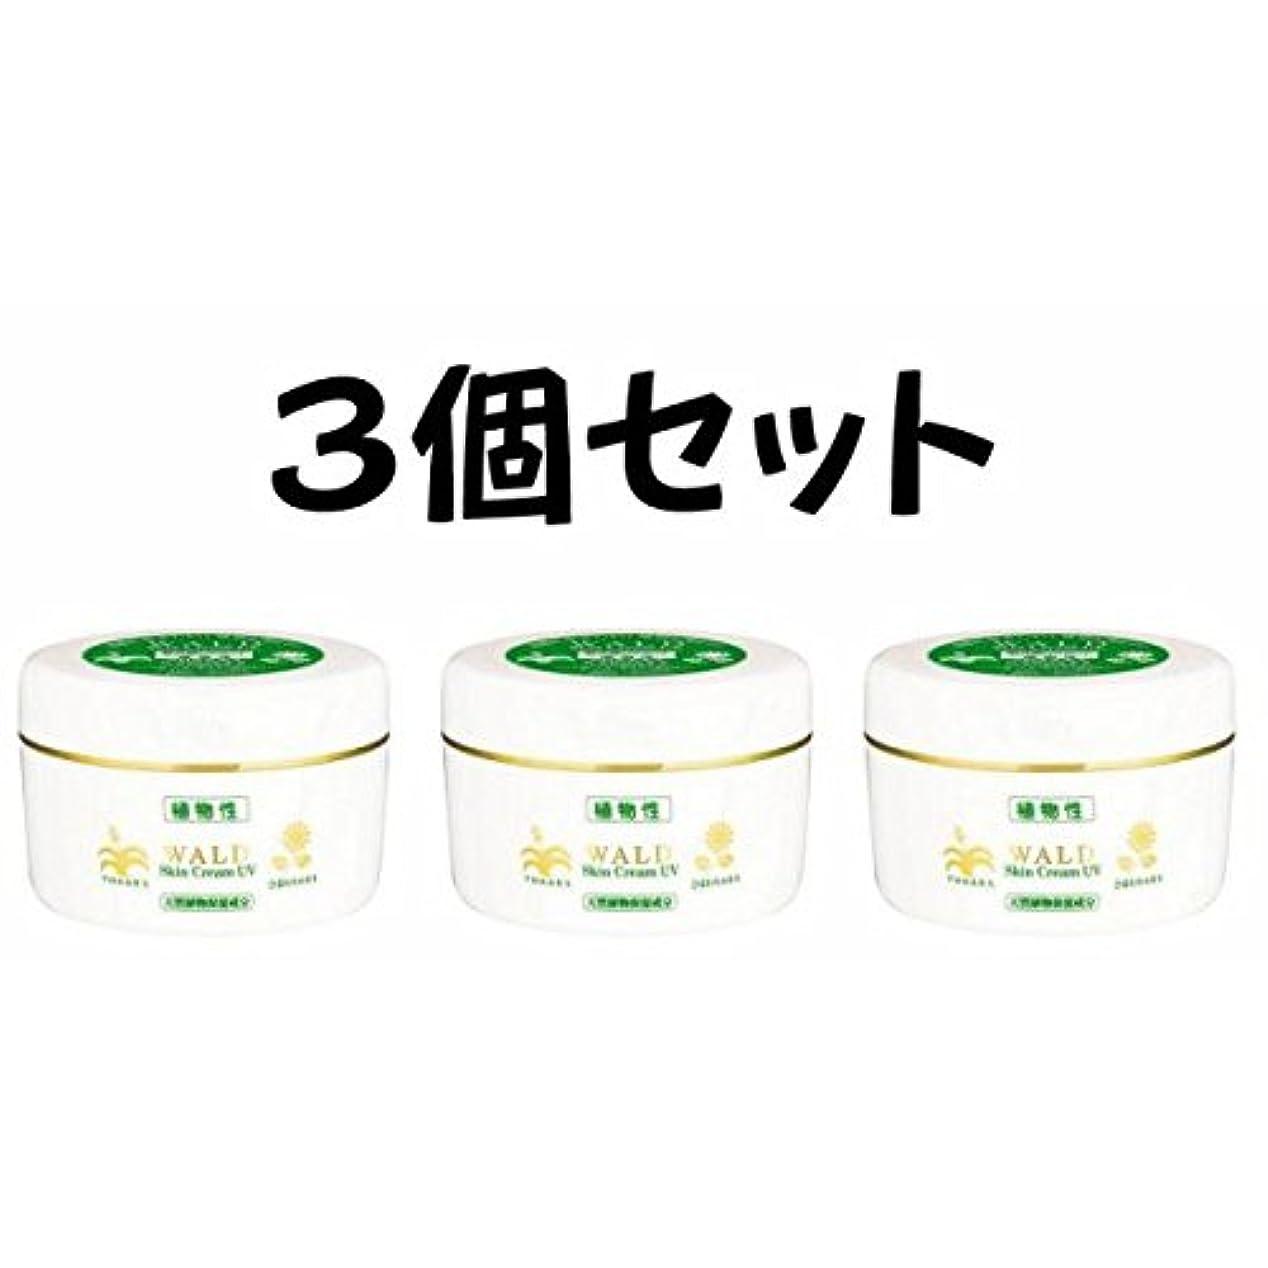 膜欠かせない疑い新 ヴァルトスキンクリーム UV (WALD Skin Cream UV) 220g (3)